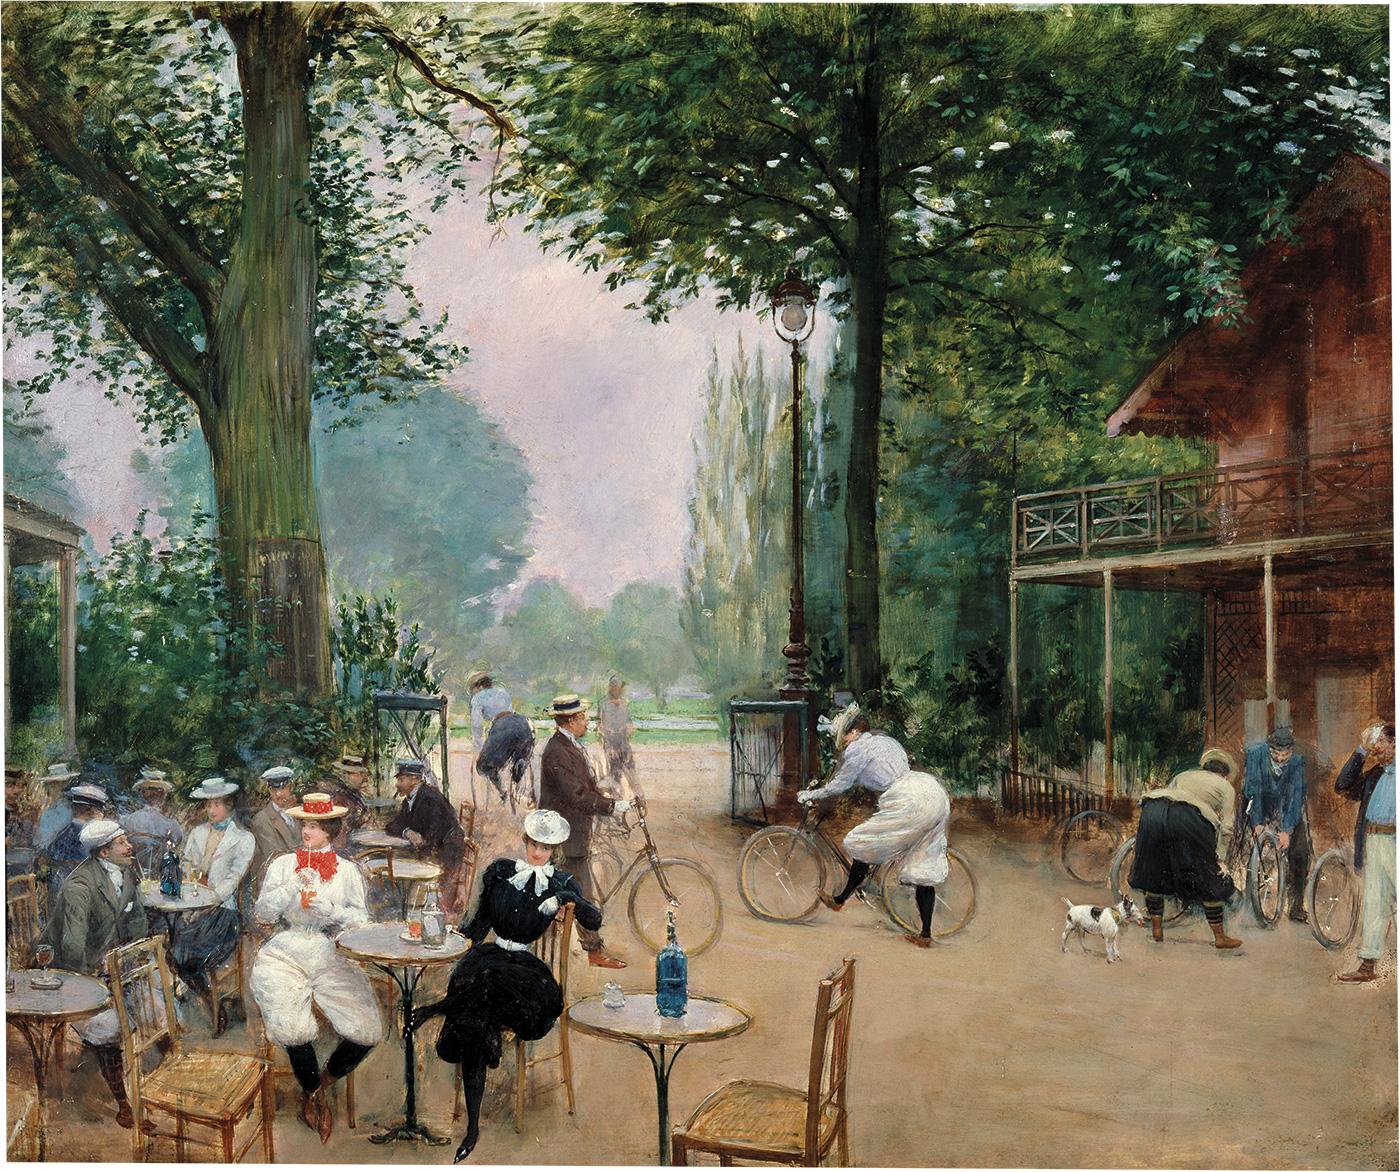 ciclistas-paris. Ciclistas en un parque de París, el bosque de Bolonia. Óleo por Jean Béraud. 1899.